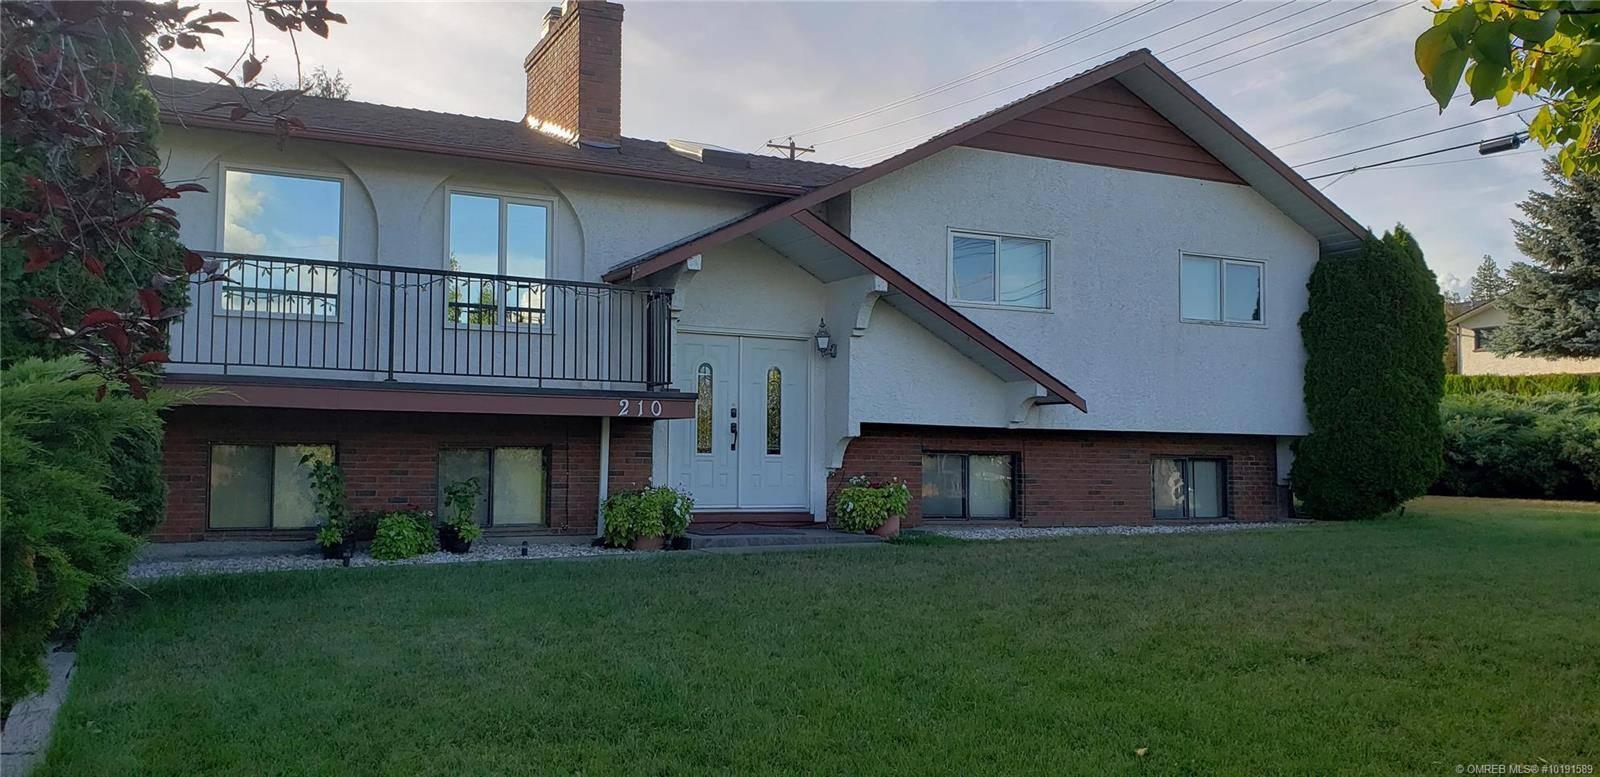 House for sale at 210 Arab Rd Kelowna British Columbia - MLS: 10191589